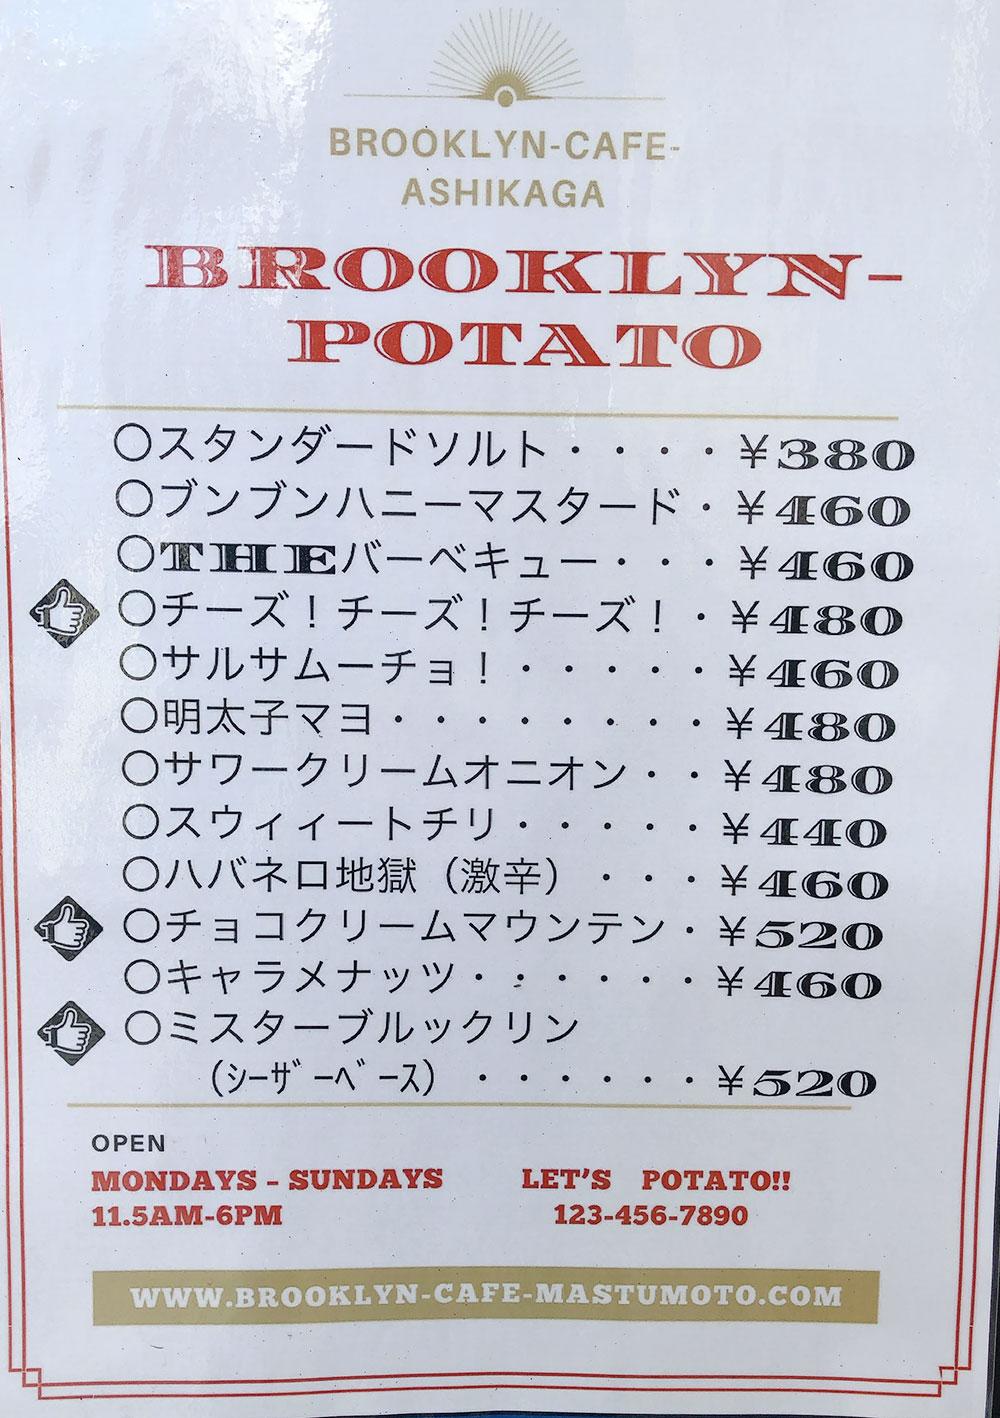 足利 テイクアウト|ポテトフライ「ブルックリンカフェ」